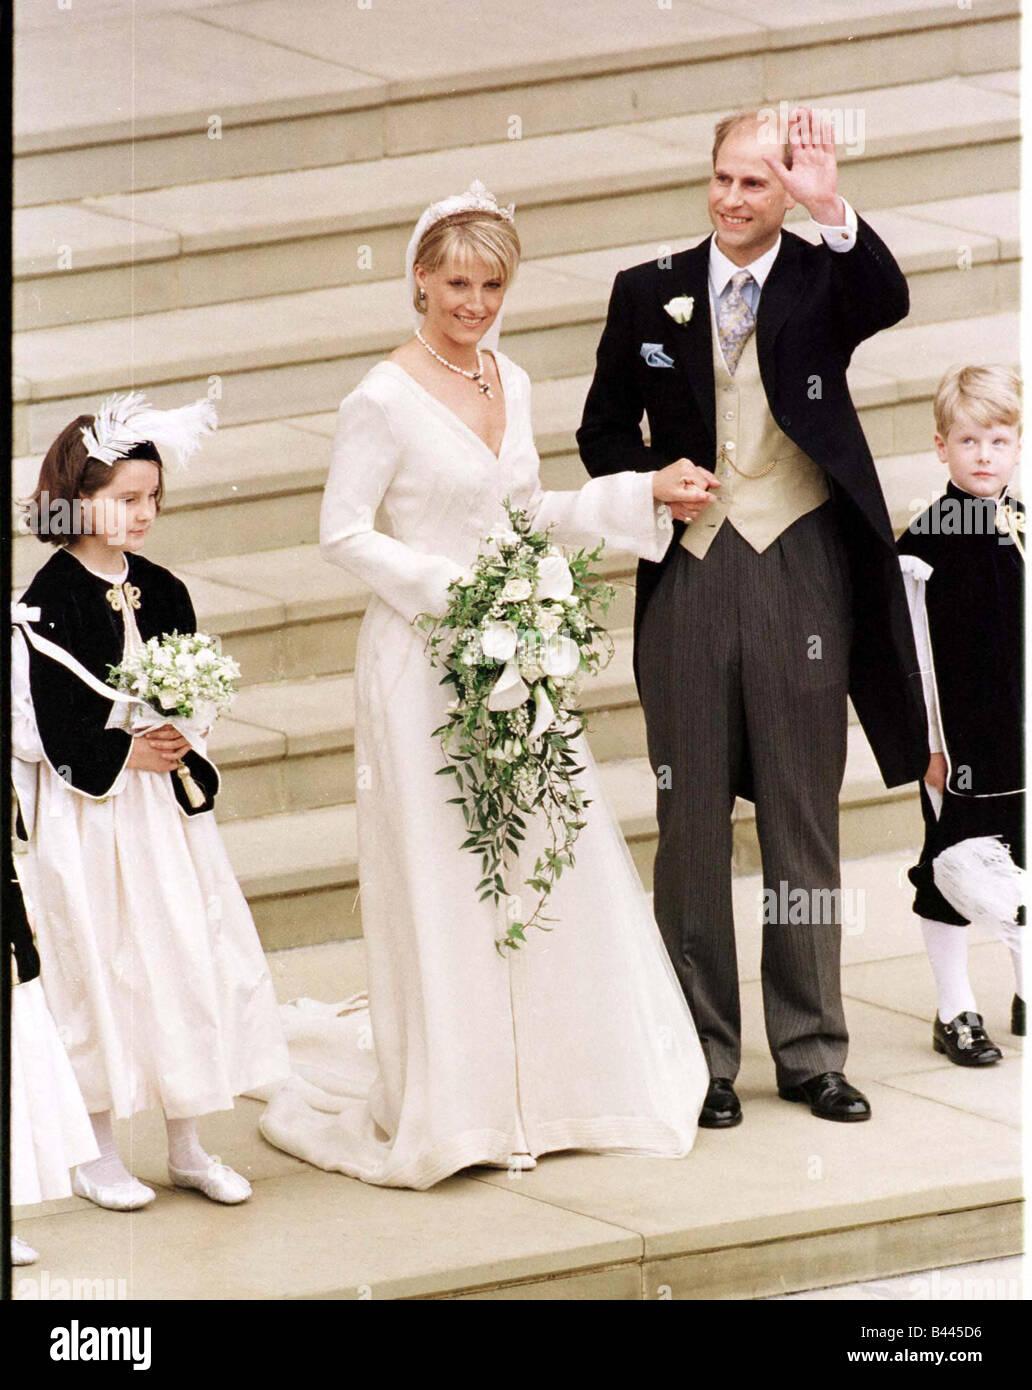 Prince Edward Wedding.Prince Edward Royal Wedding 1999 Wedding Of Sophie Rhys